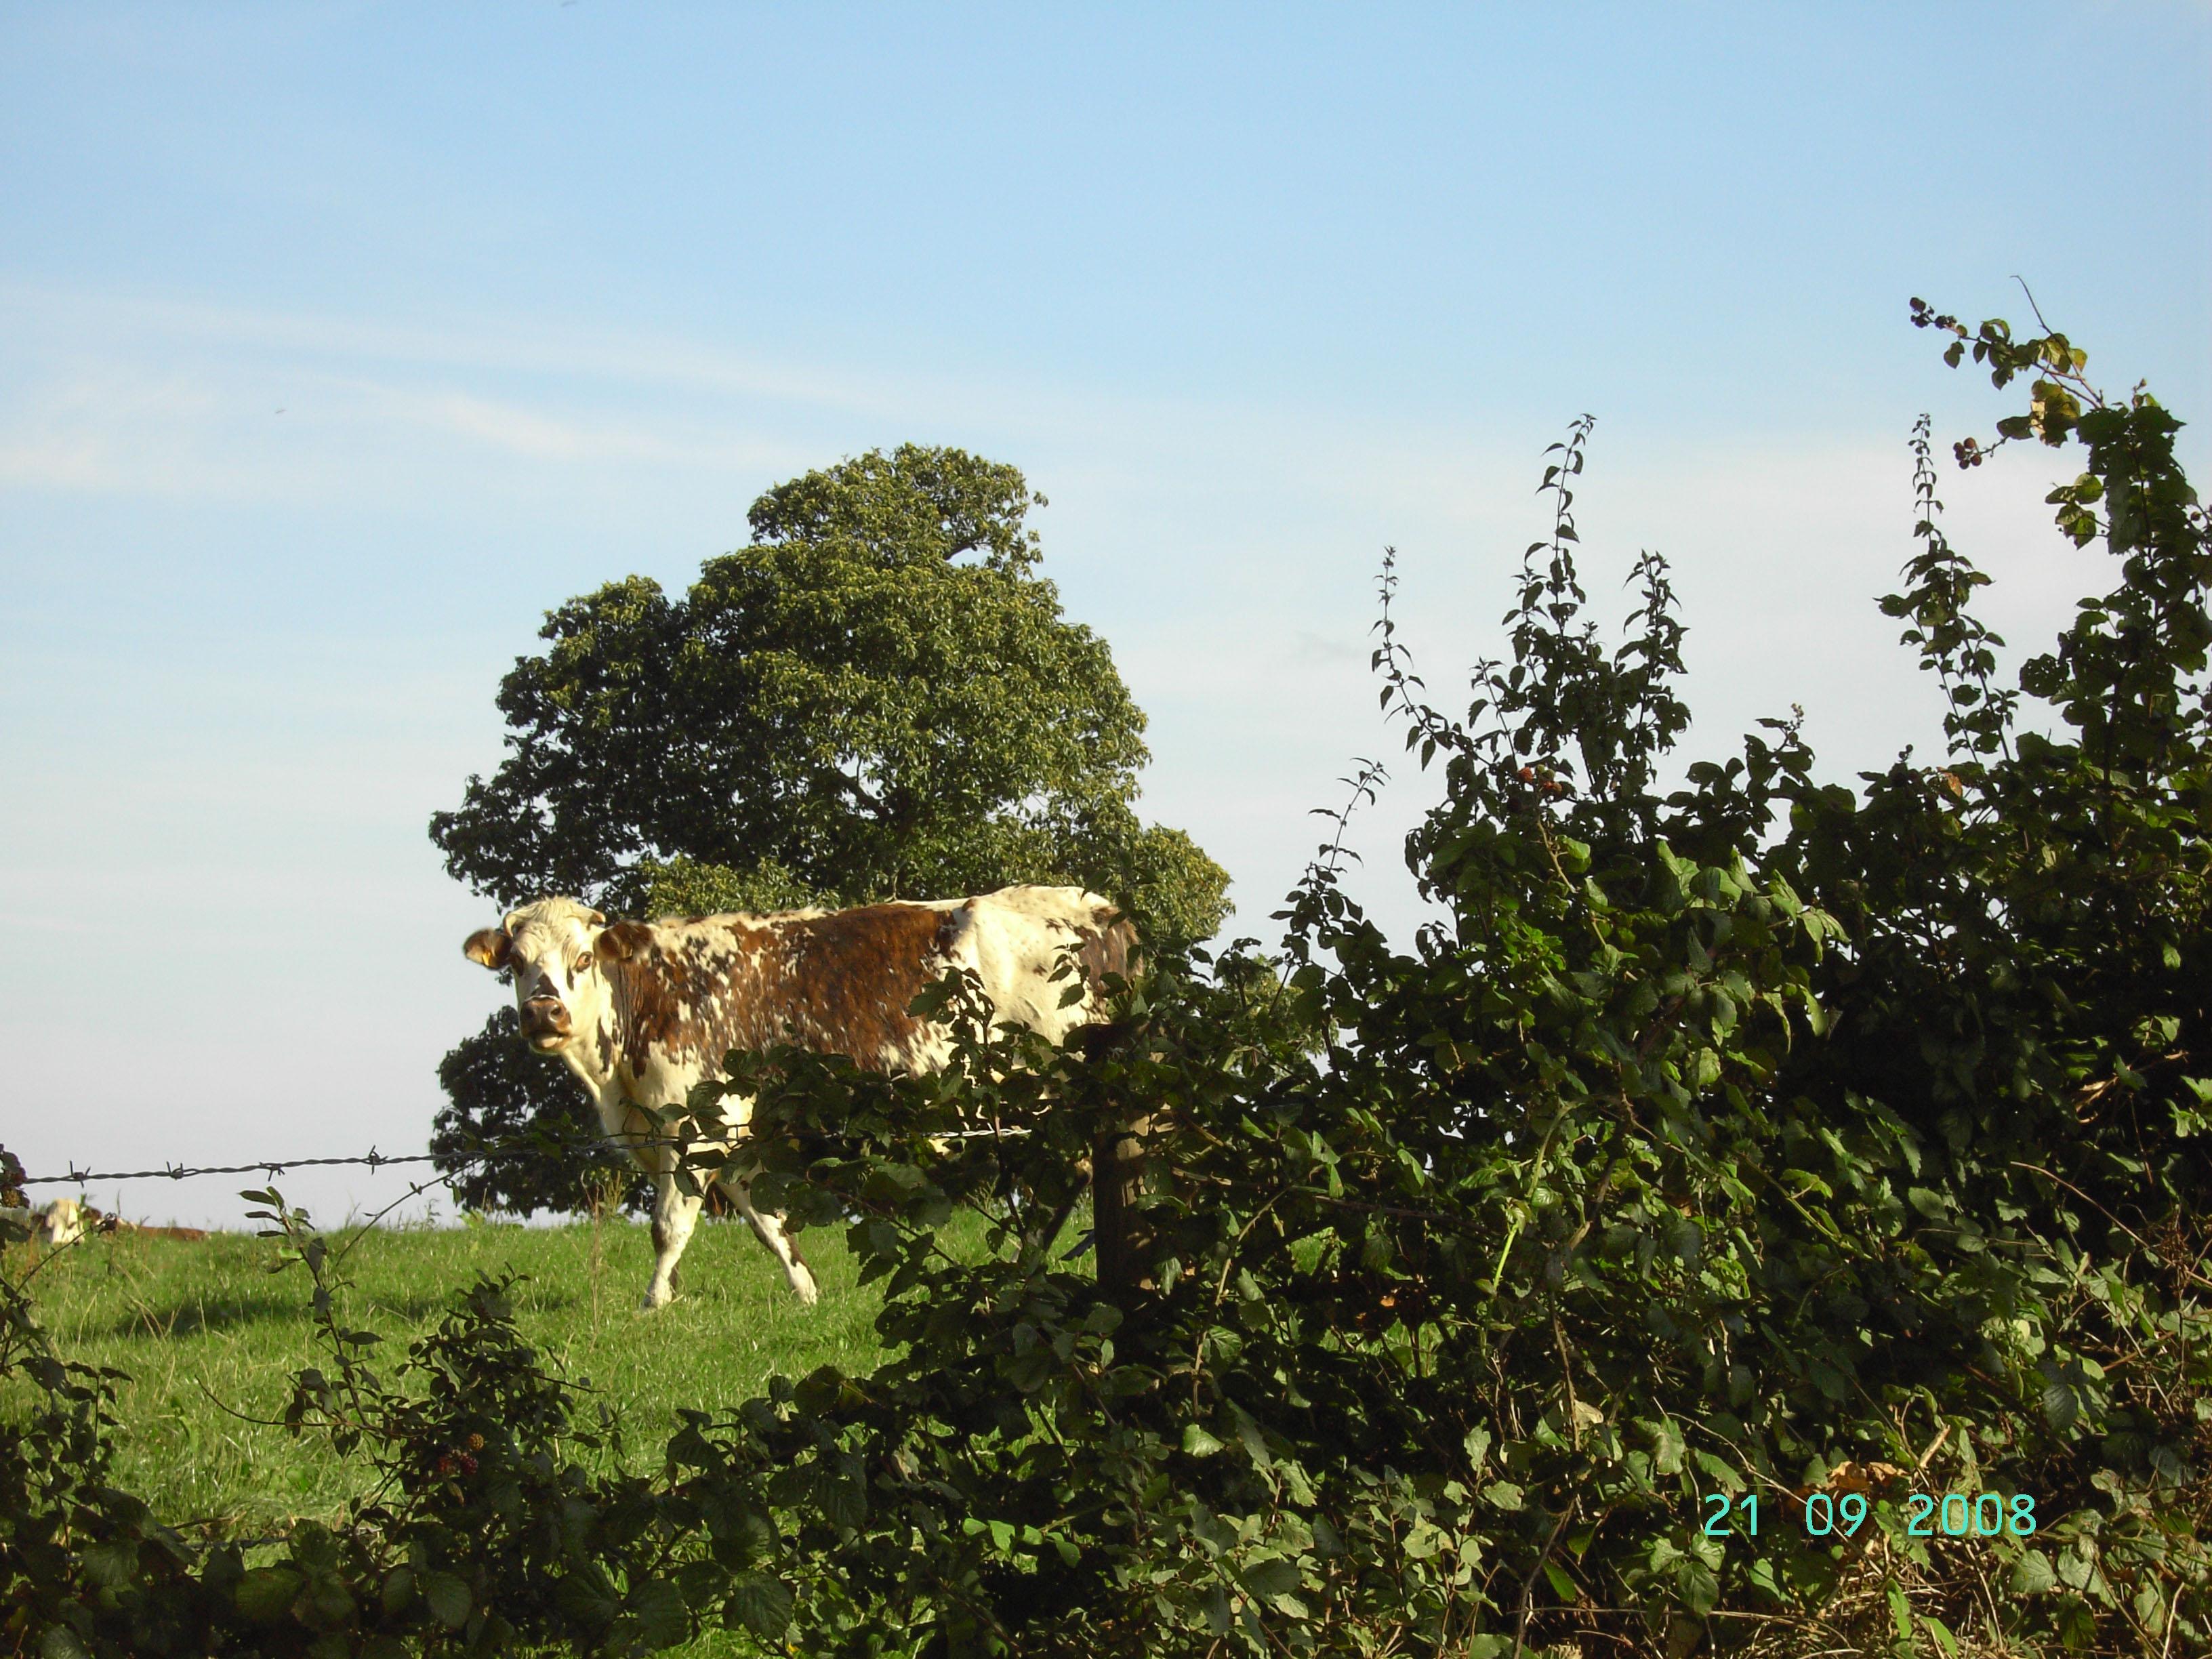 La vache normande